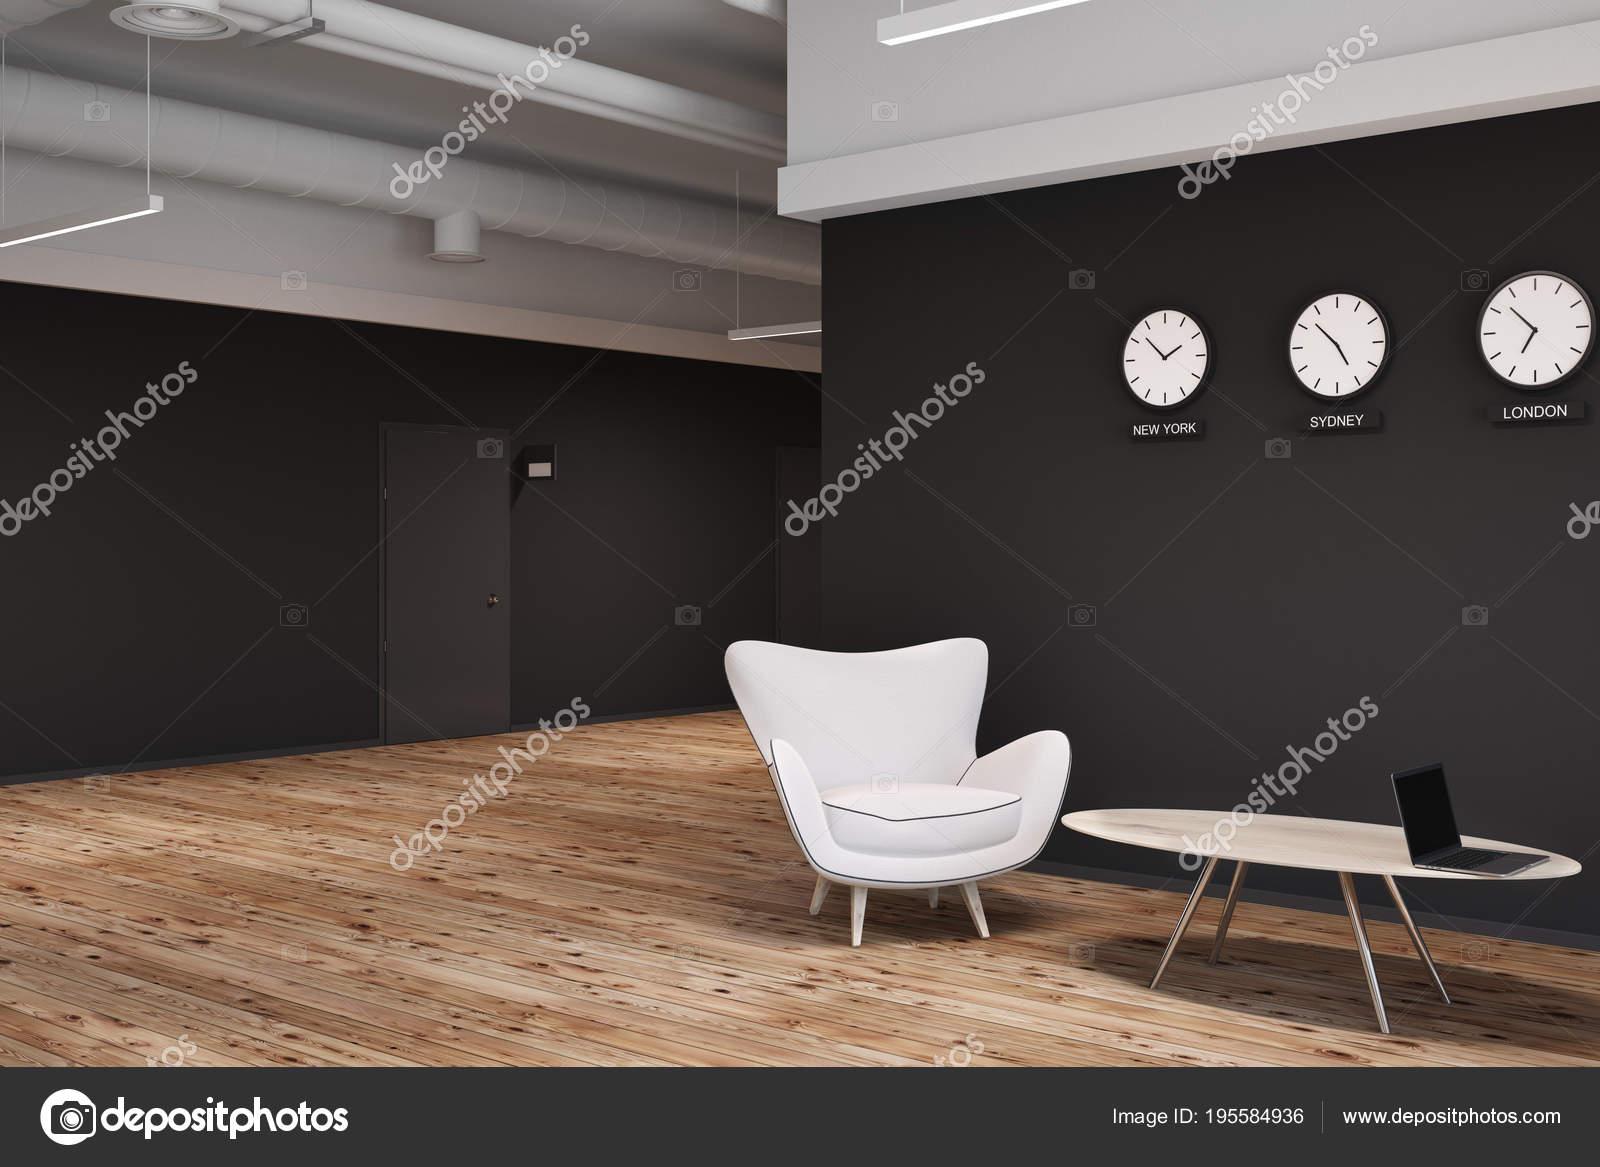 Mur noir bureau hall d accueil avec fauteuils et horloges